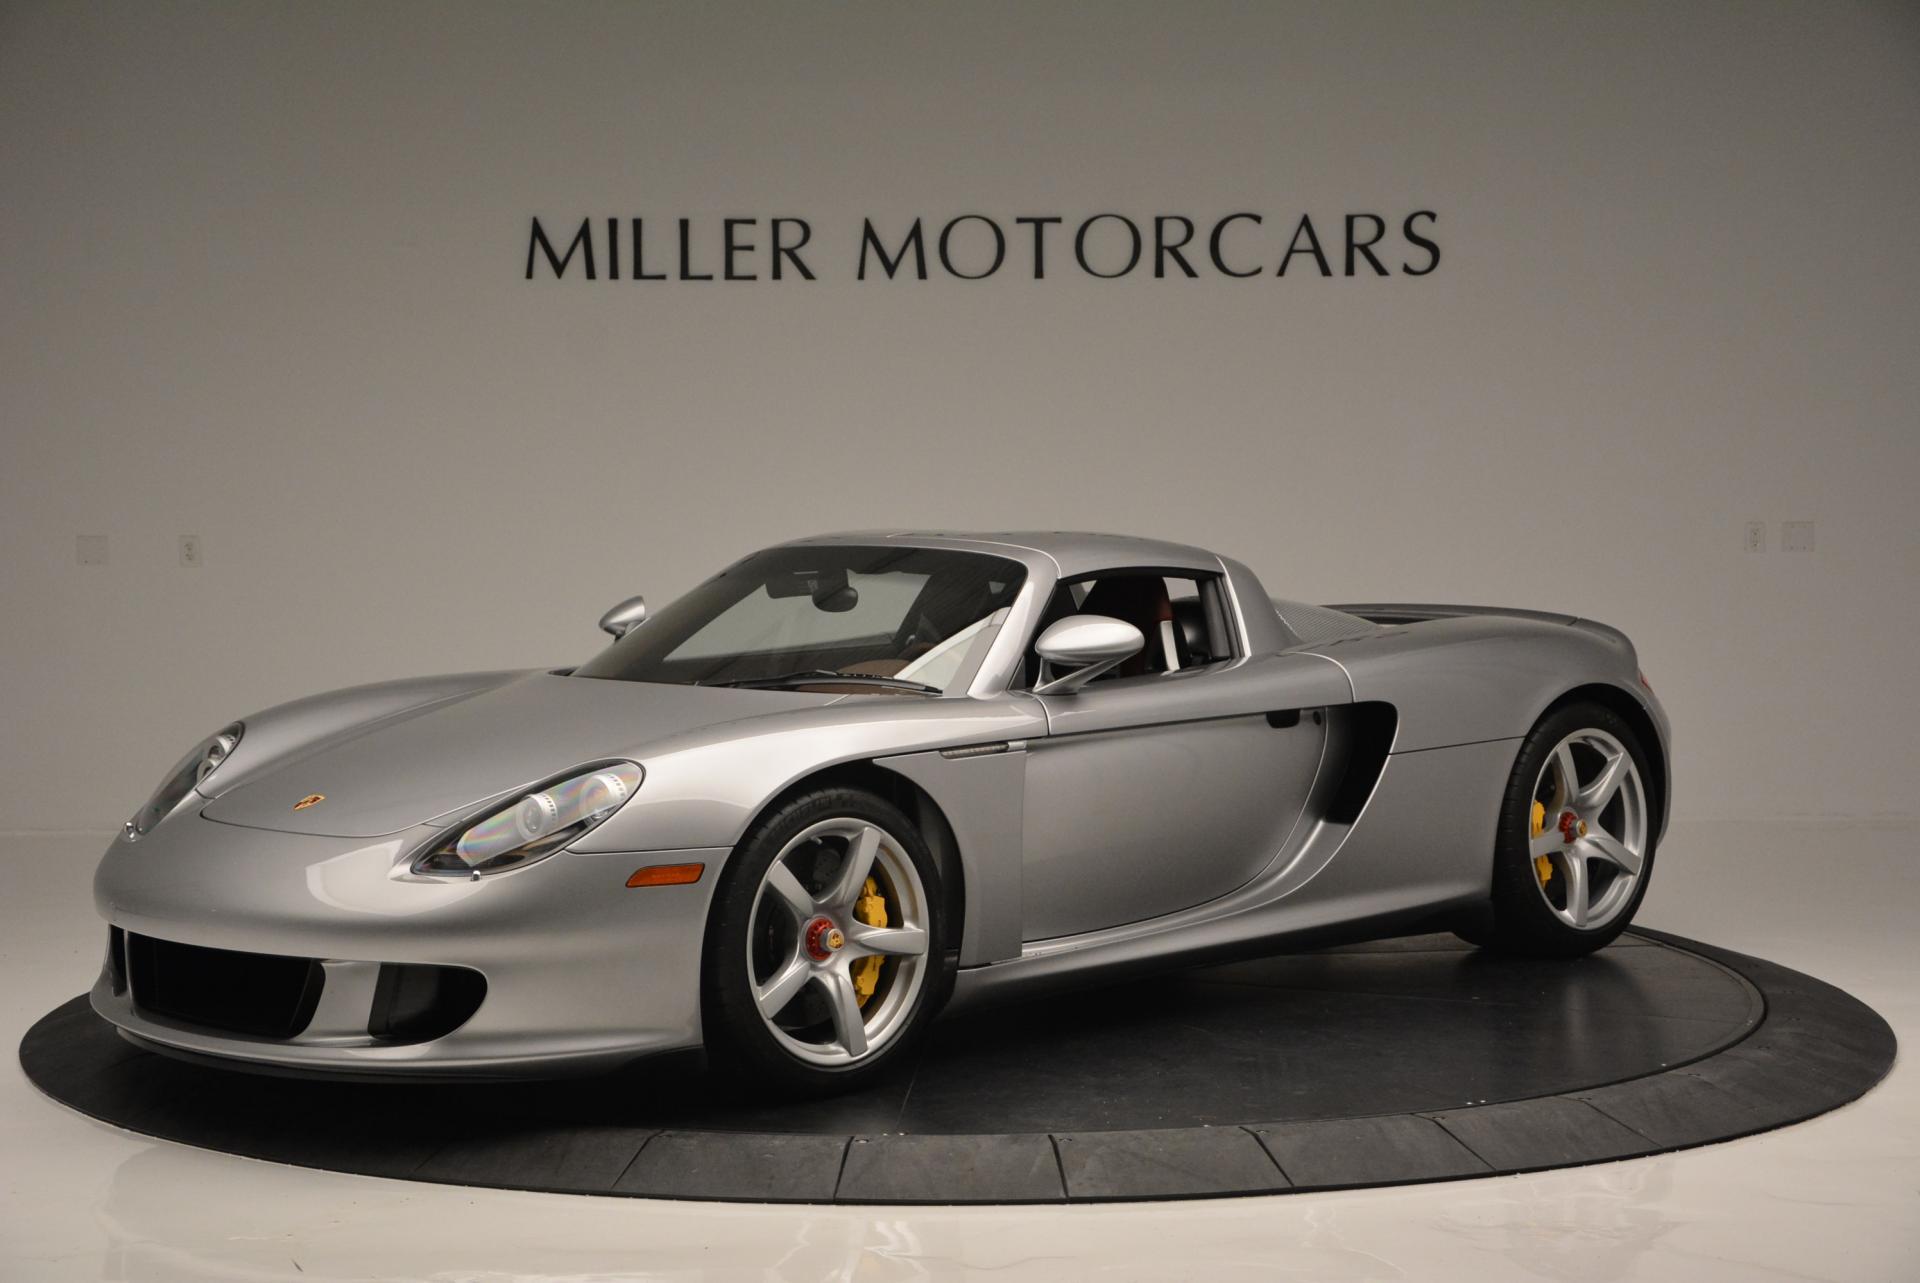 Used 2005 Porsche Carrera GT for sale Sold at Alfa Romeo of Westport in Westport CT 06880 1